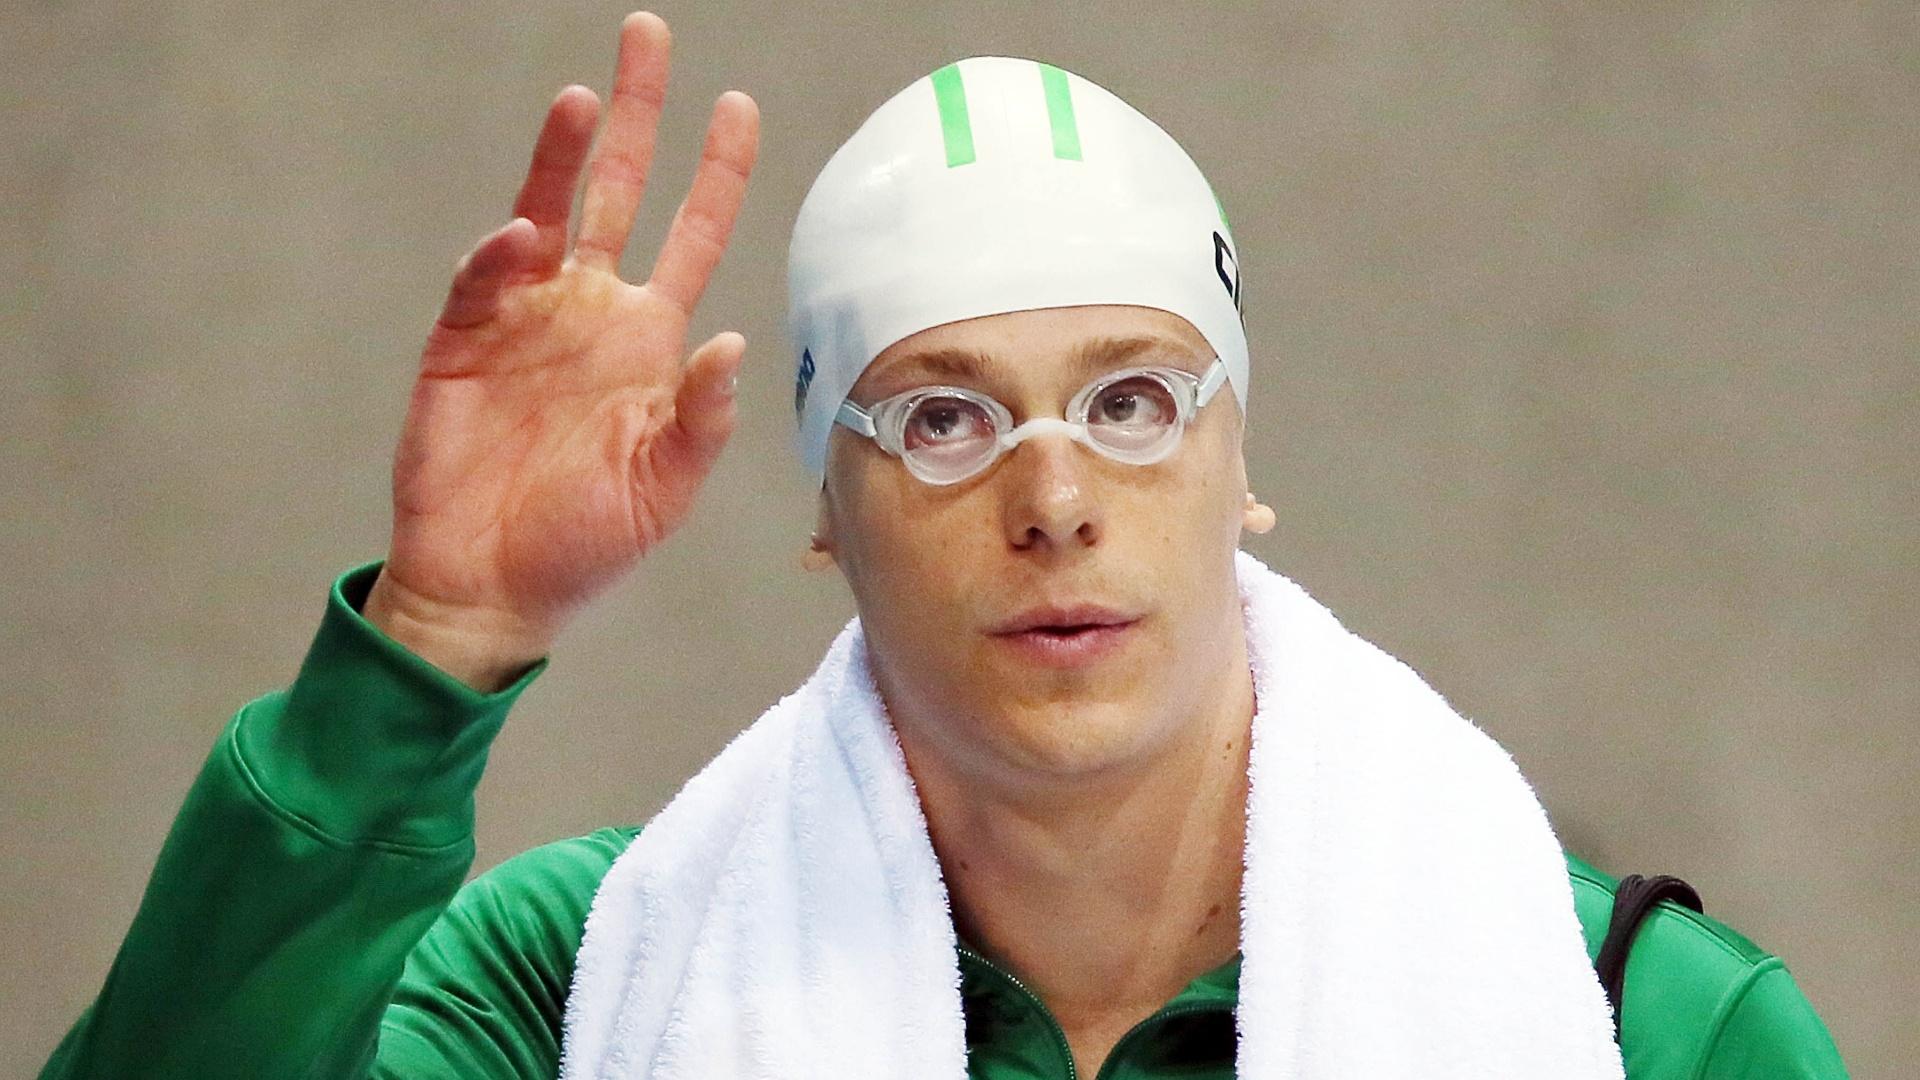 Cesar Cielo é apresentado antes de disputar a semifinal dos 50 m livre, em Londres